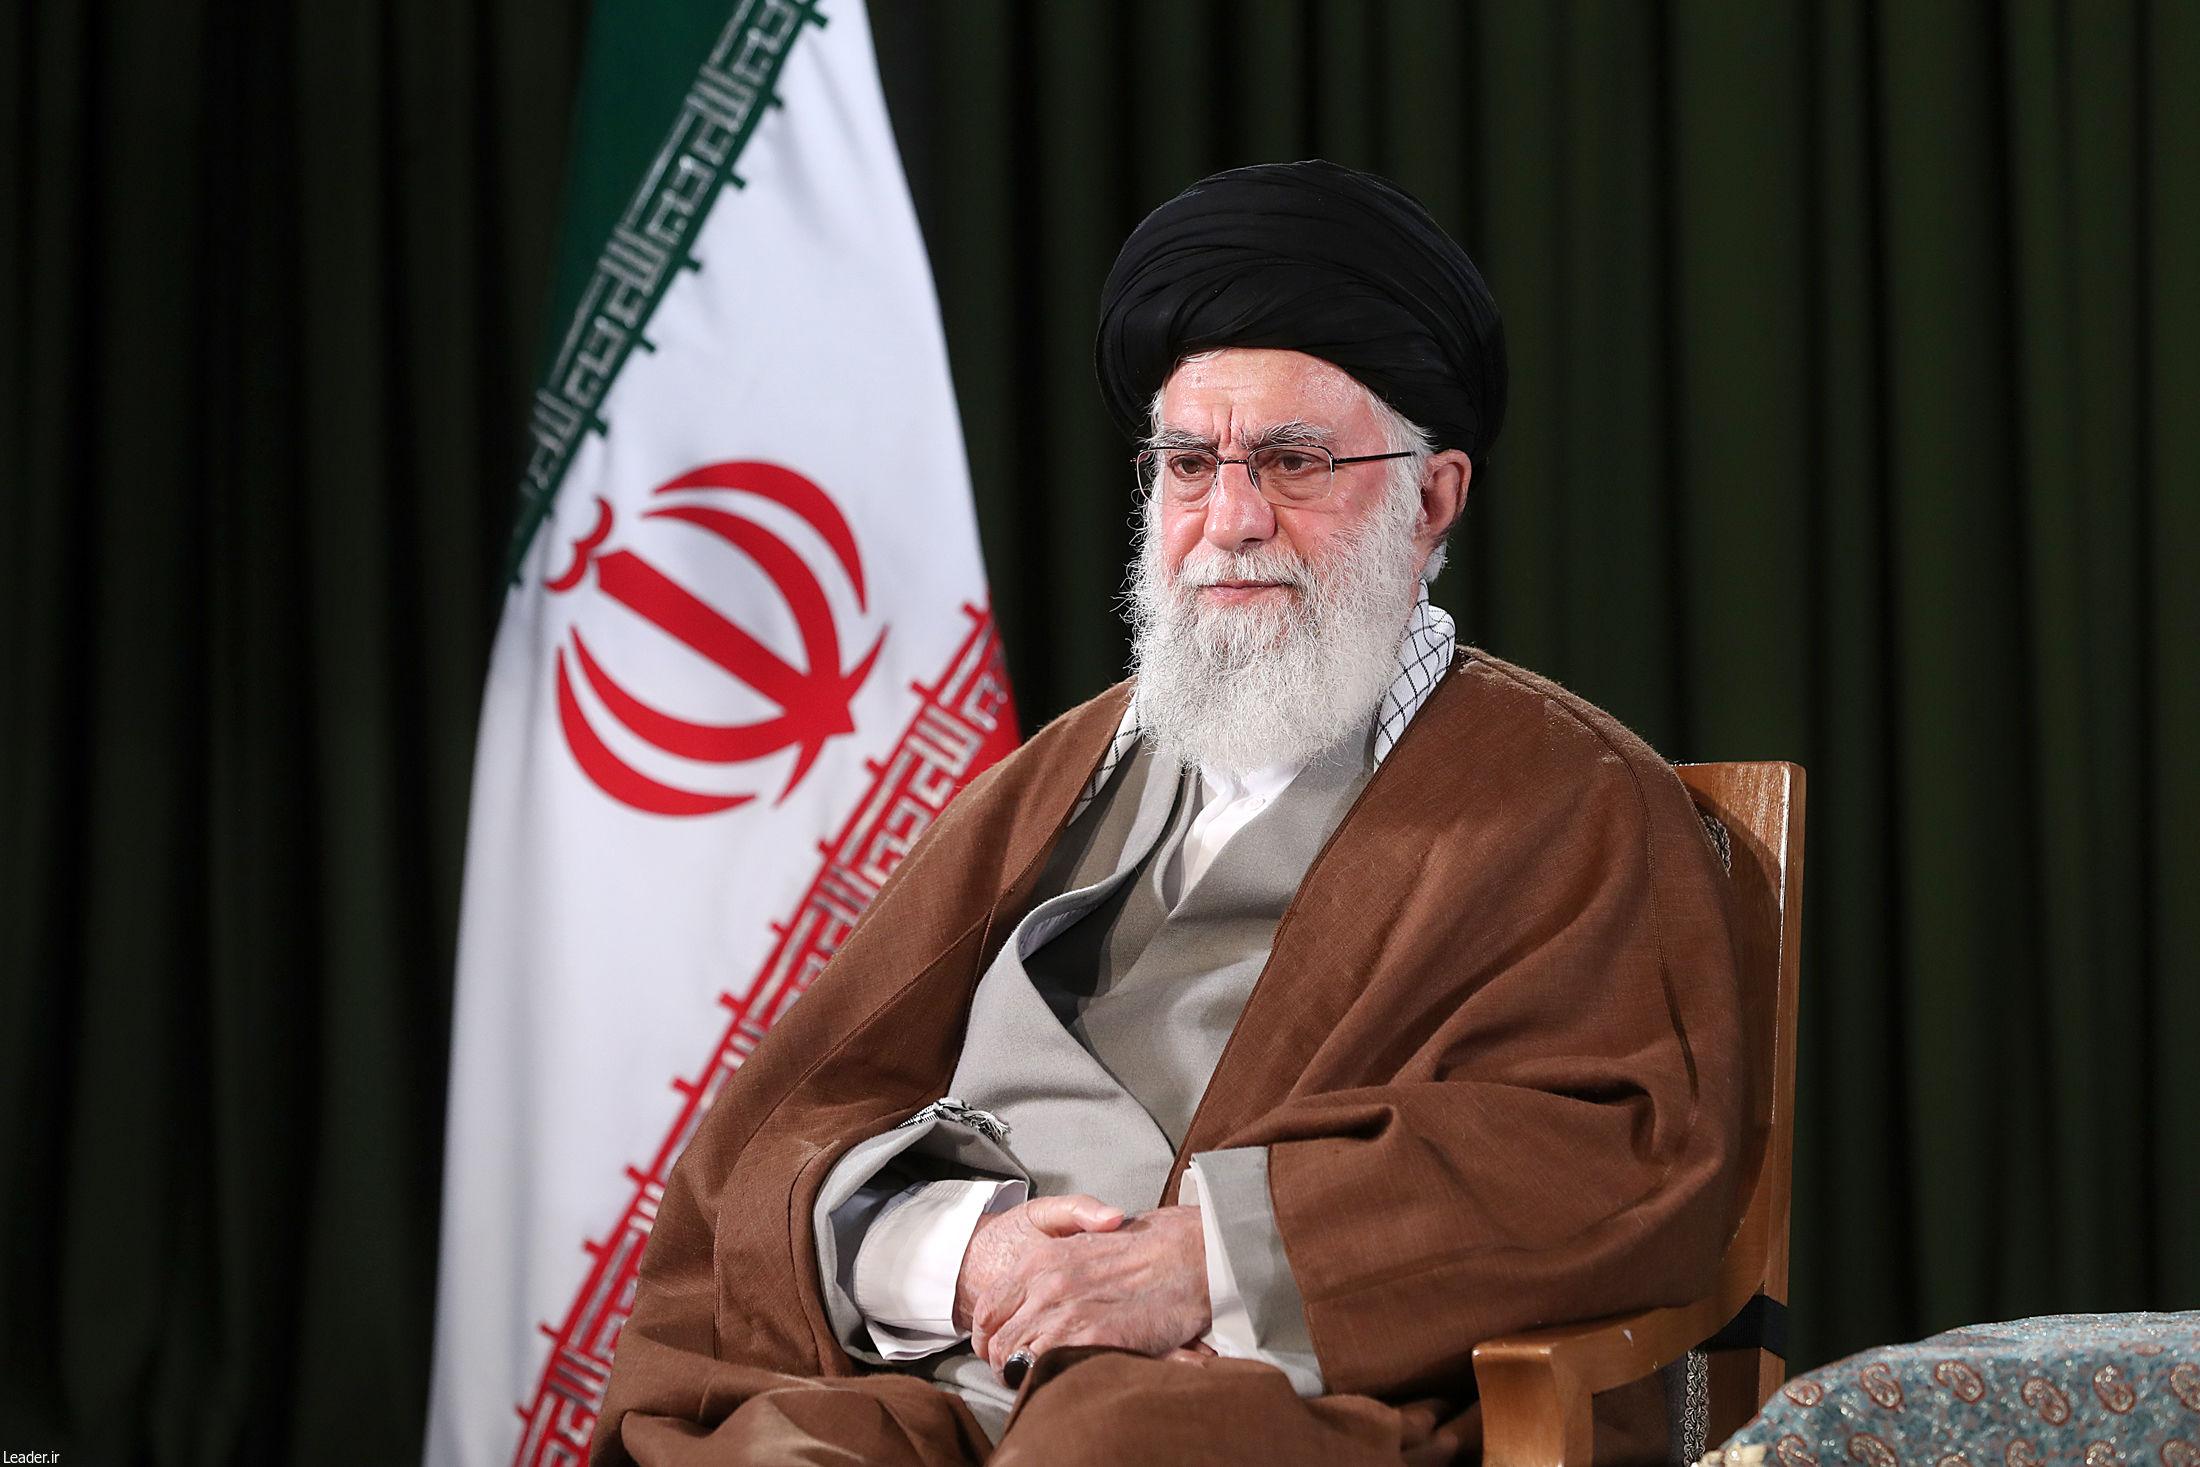 پخش زنده سخنرانی رهبر معظم انقلاب در مسجد مقدس جمکران